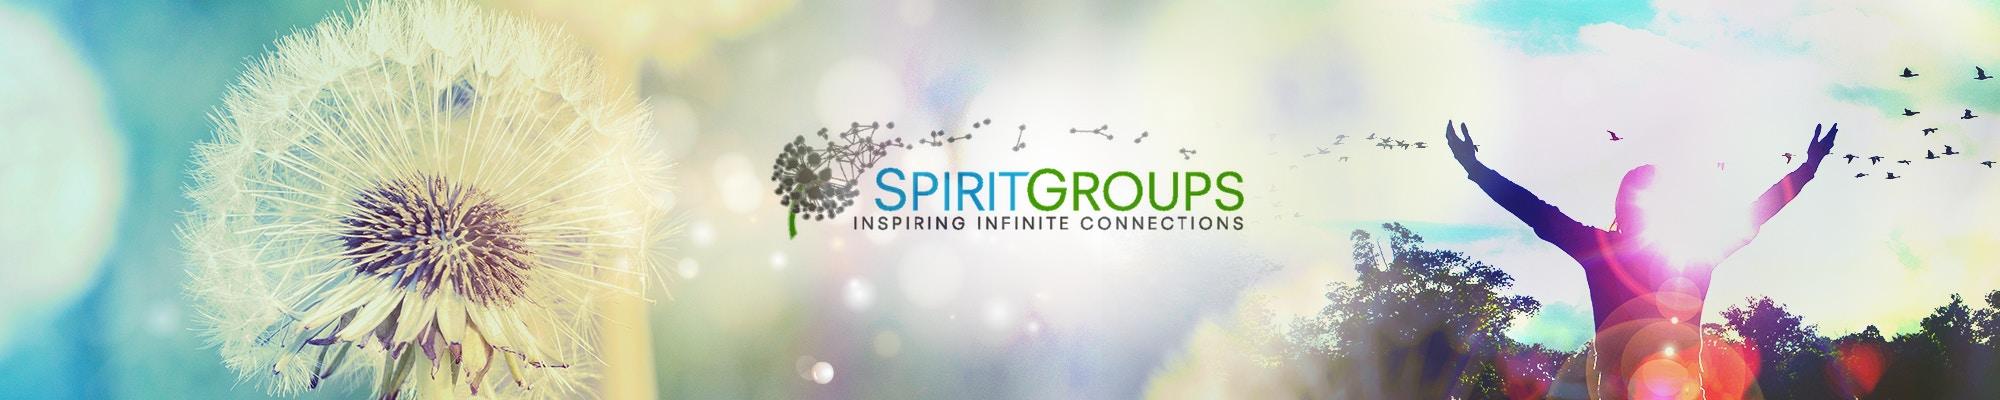 SpiritGroups